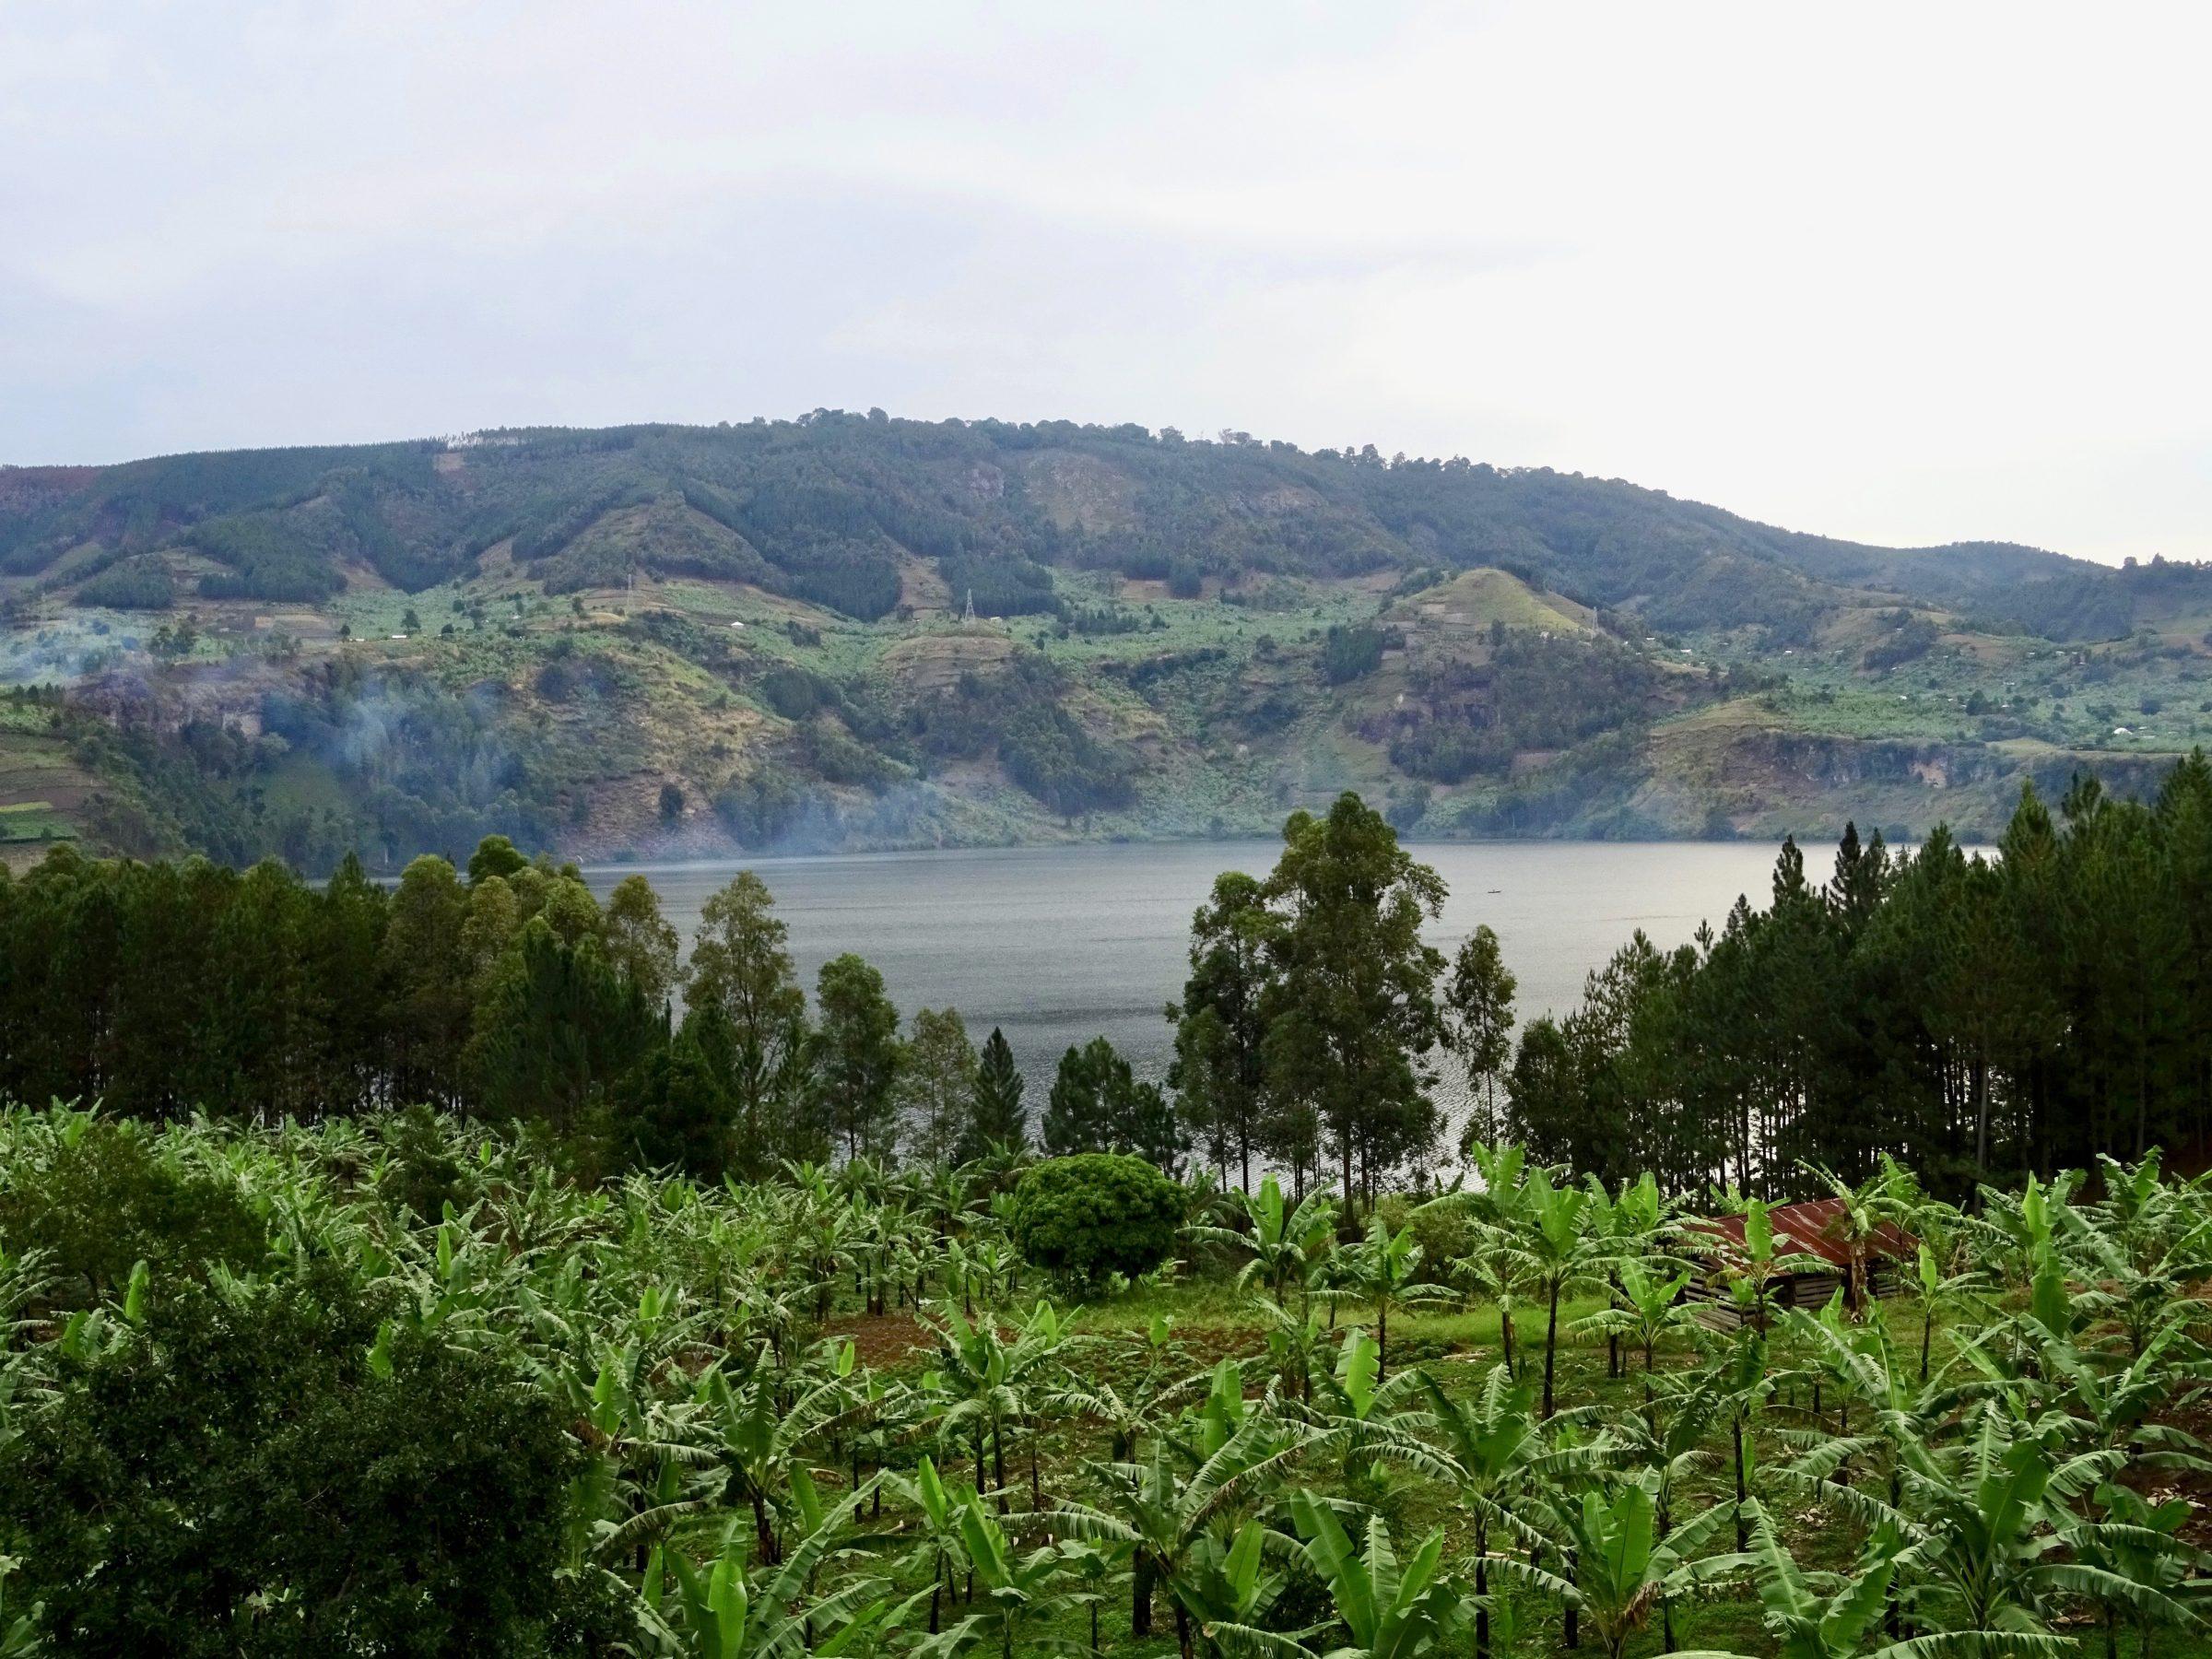 Lake Nkugute, een van de 52 kratermeren van Bunyaruguru